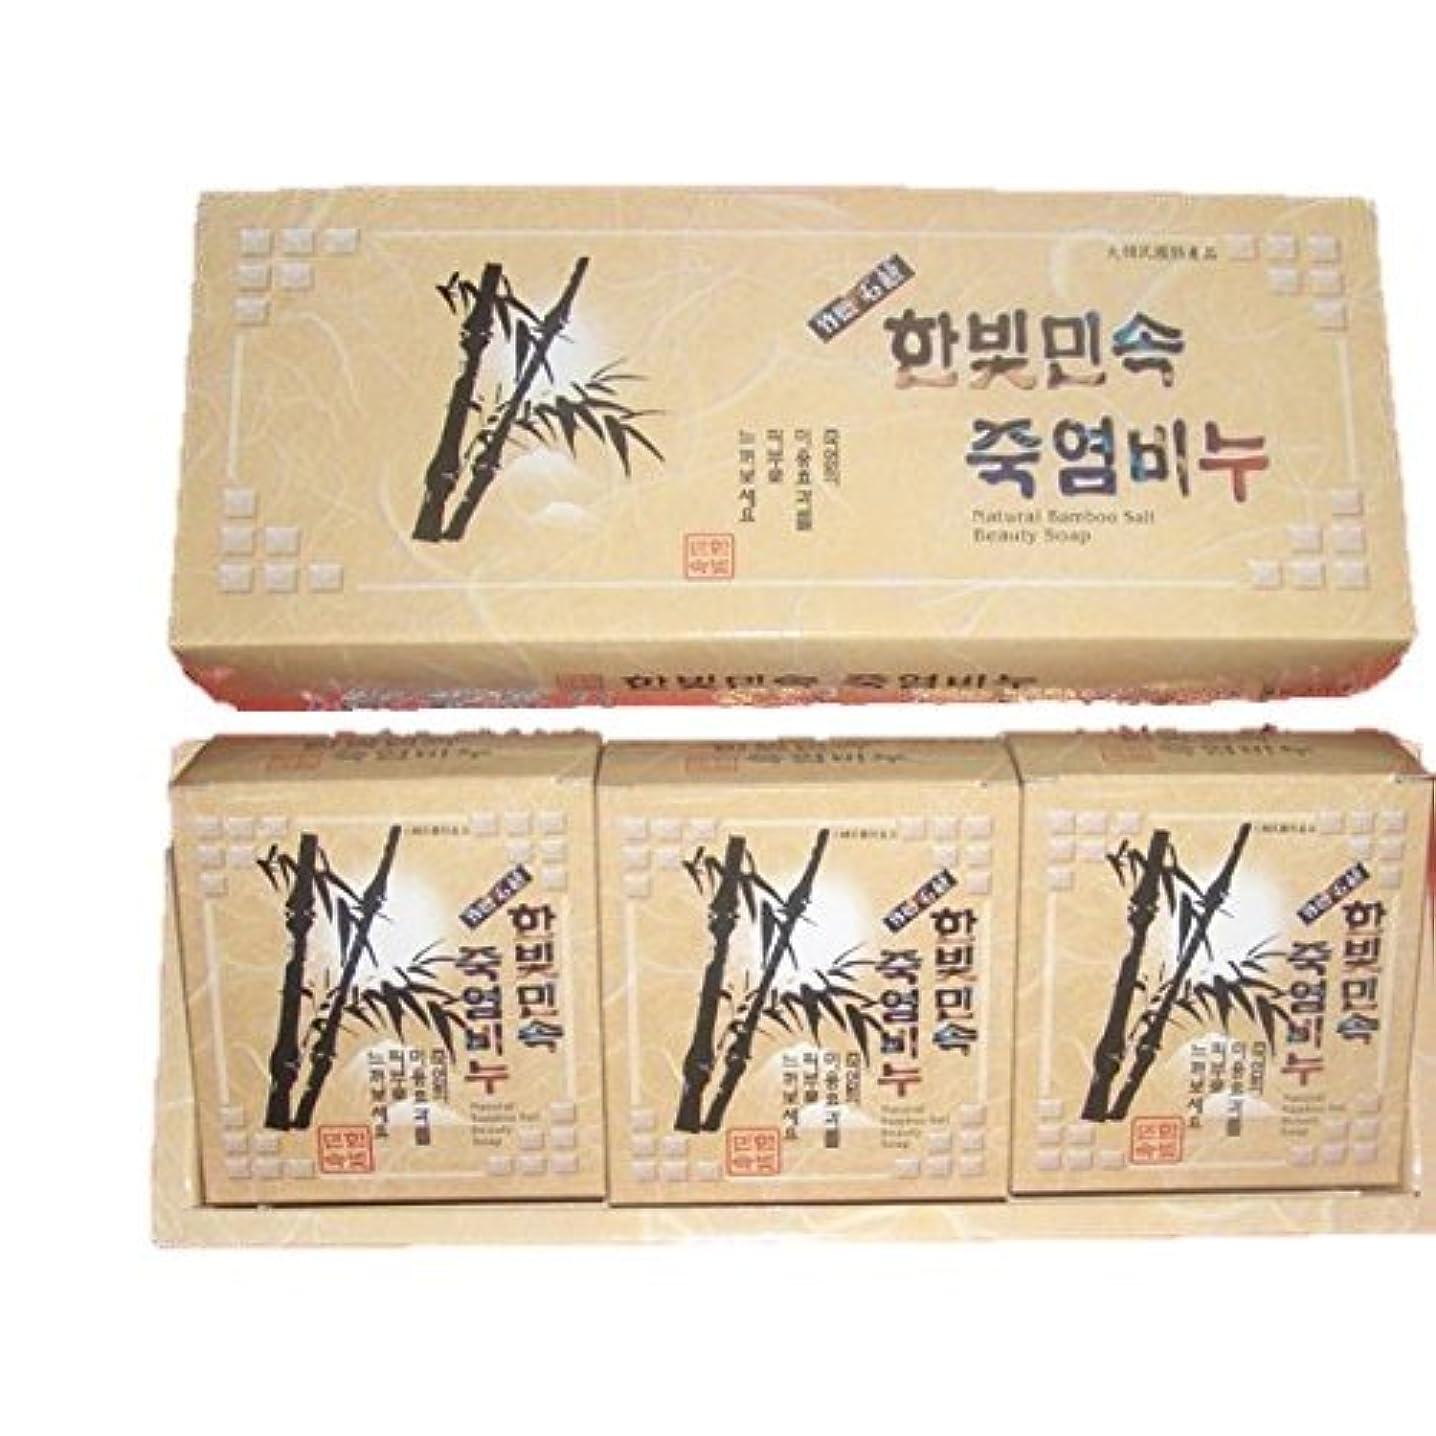 ステップ吸収より良い(韓国ブランド) 竹塩石鹸 (3個×3セット)